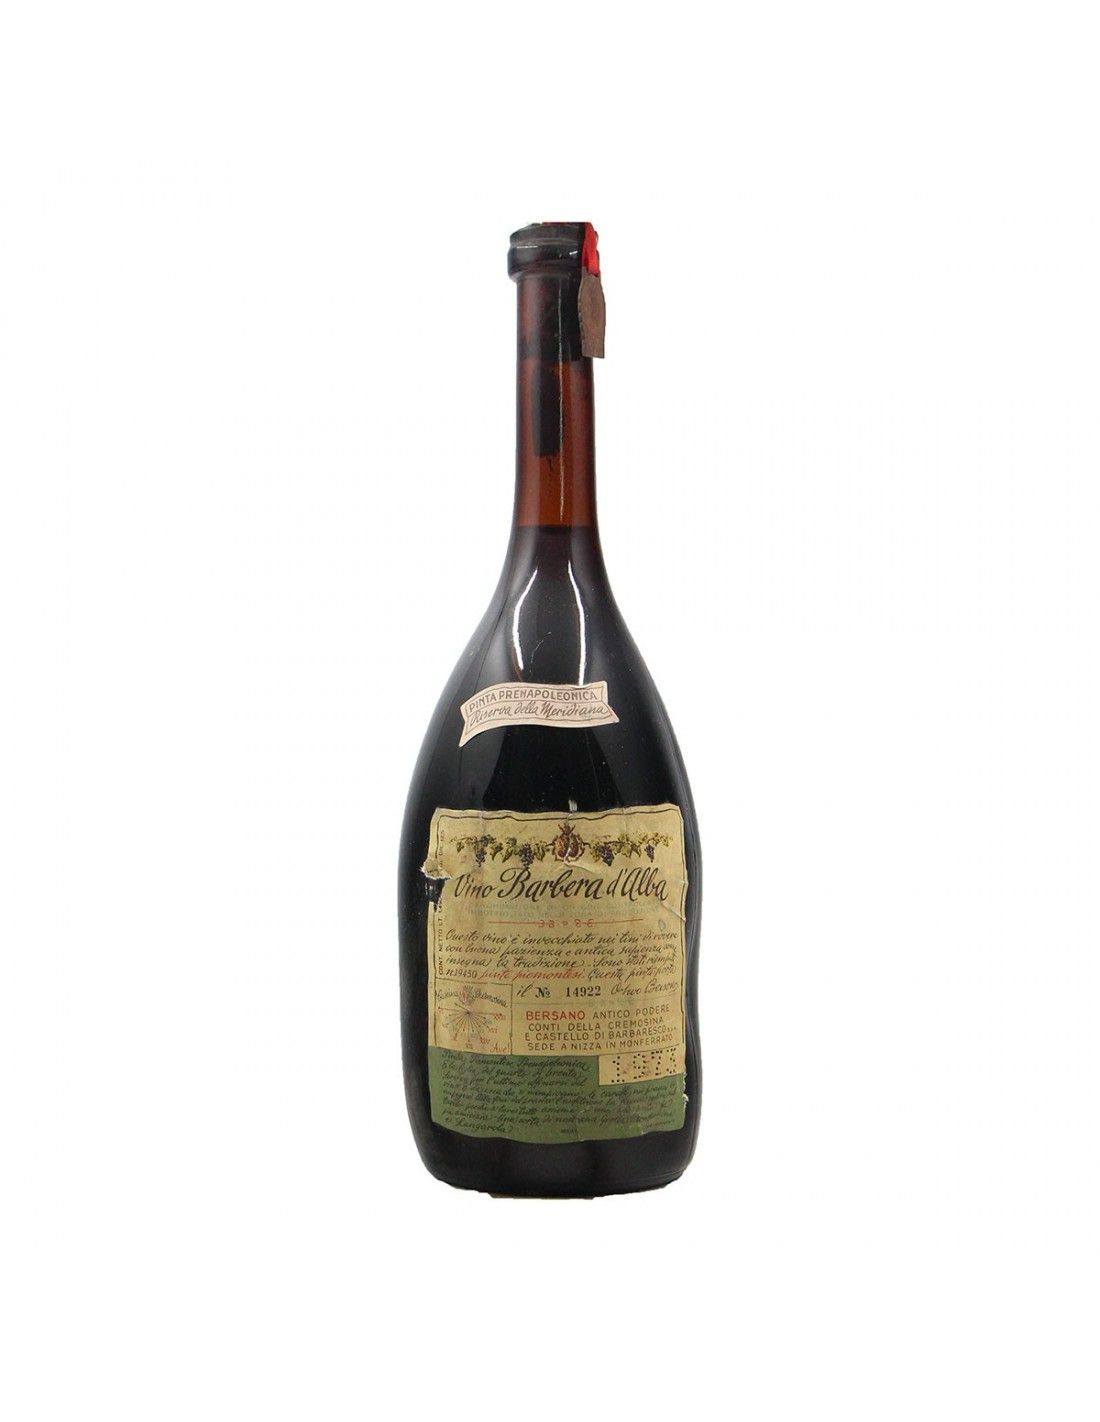 BARBERA RISERVA DELLA MERIDIANA 1.49 L 1973 BERSANO Grandi Bottiglie